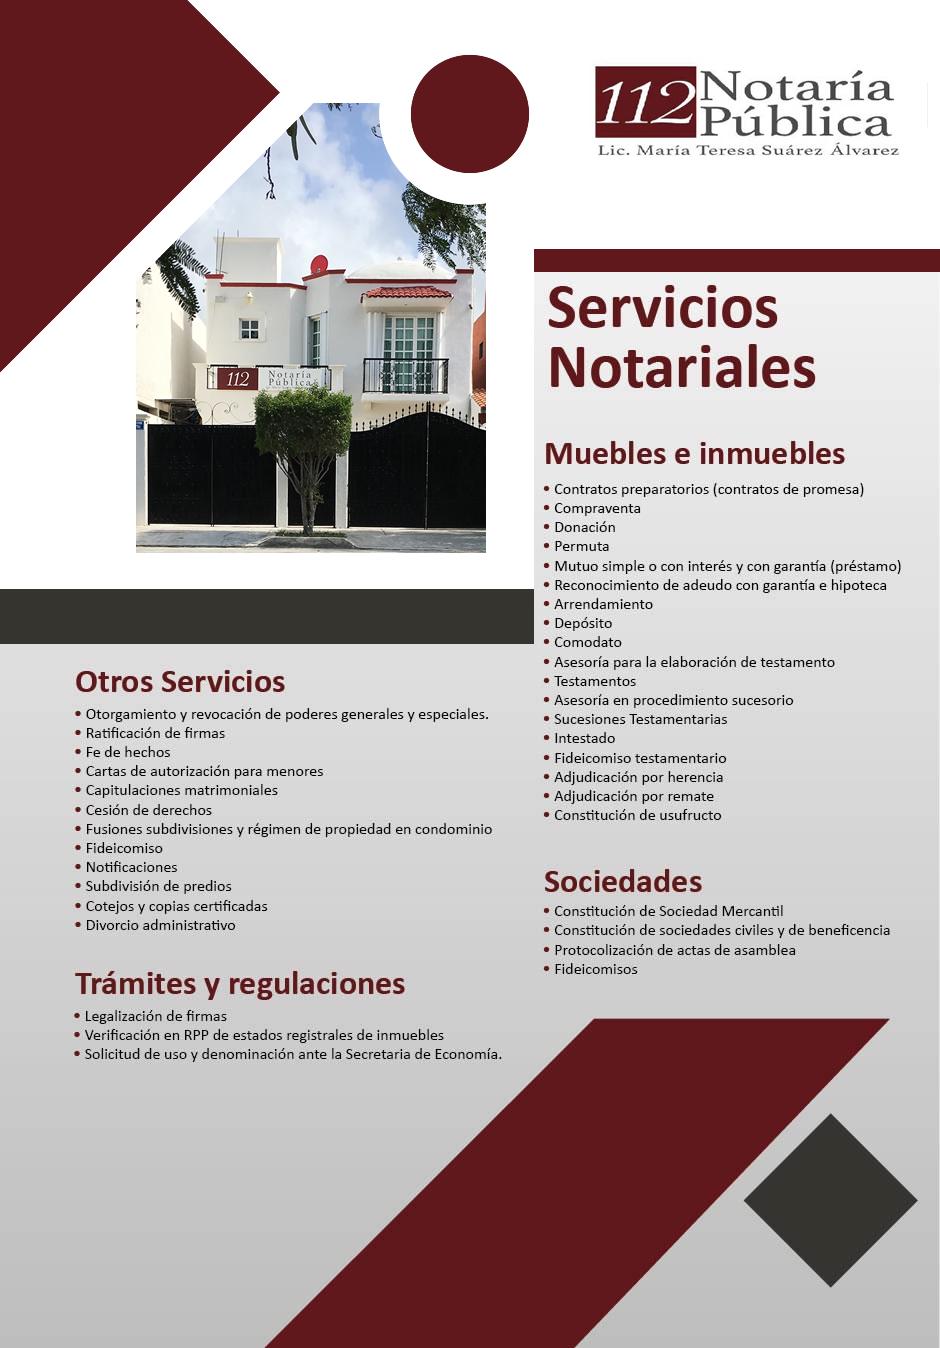 Notaria Publica 112